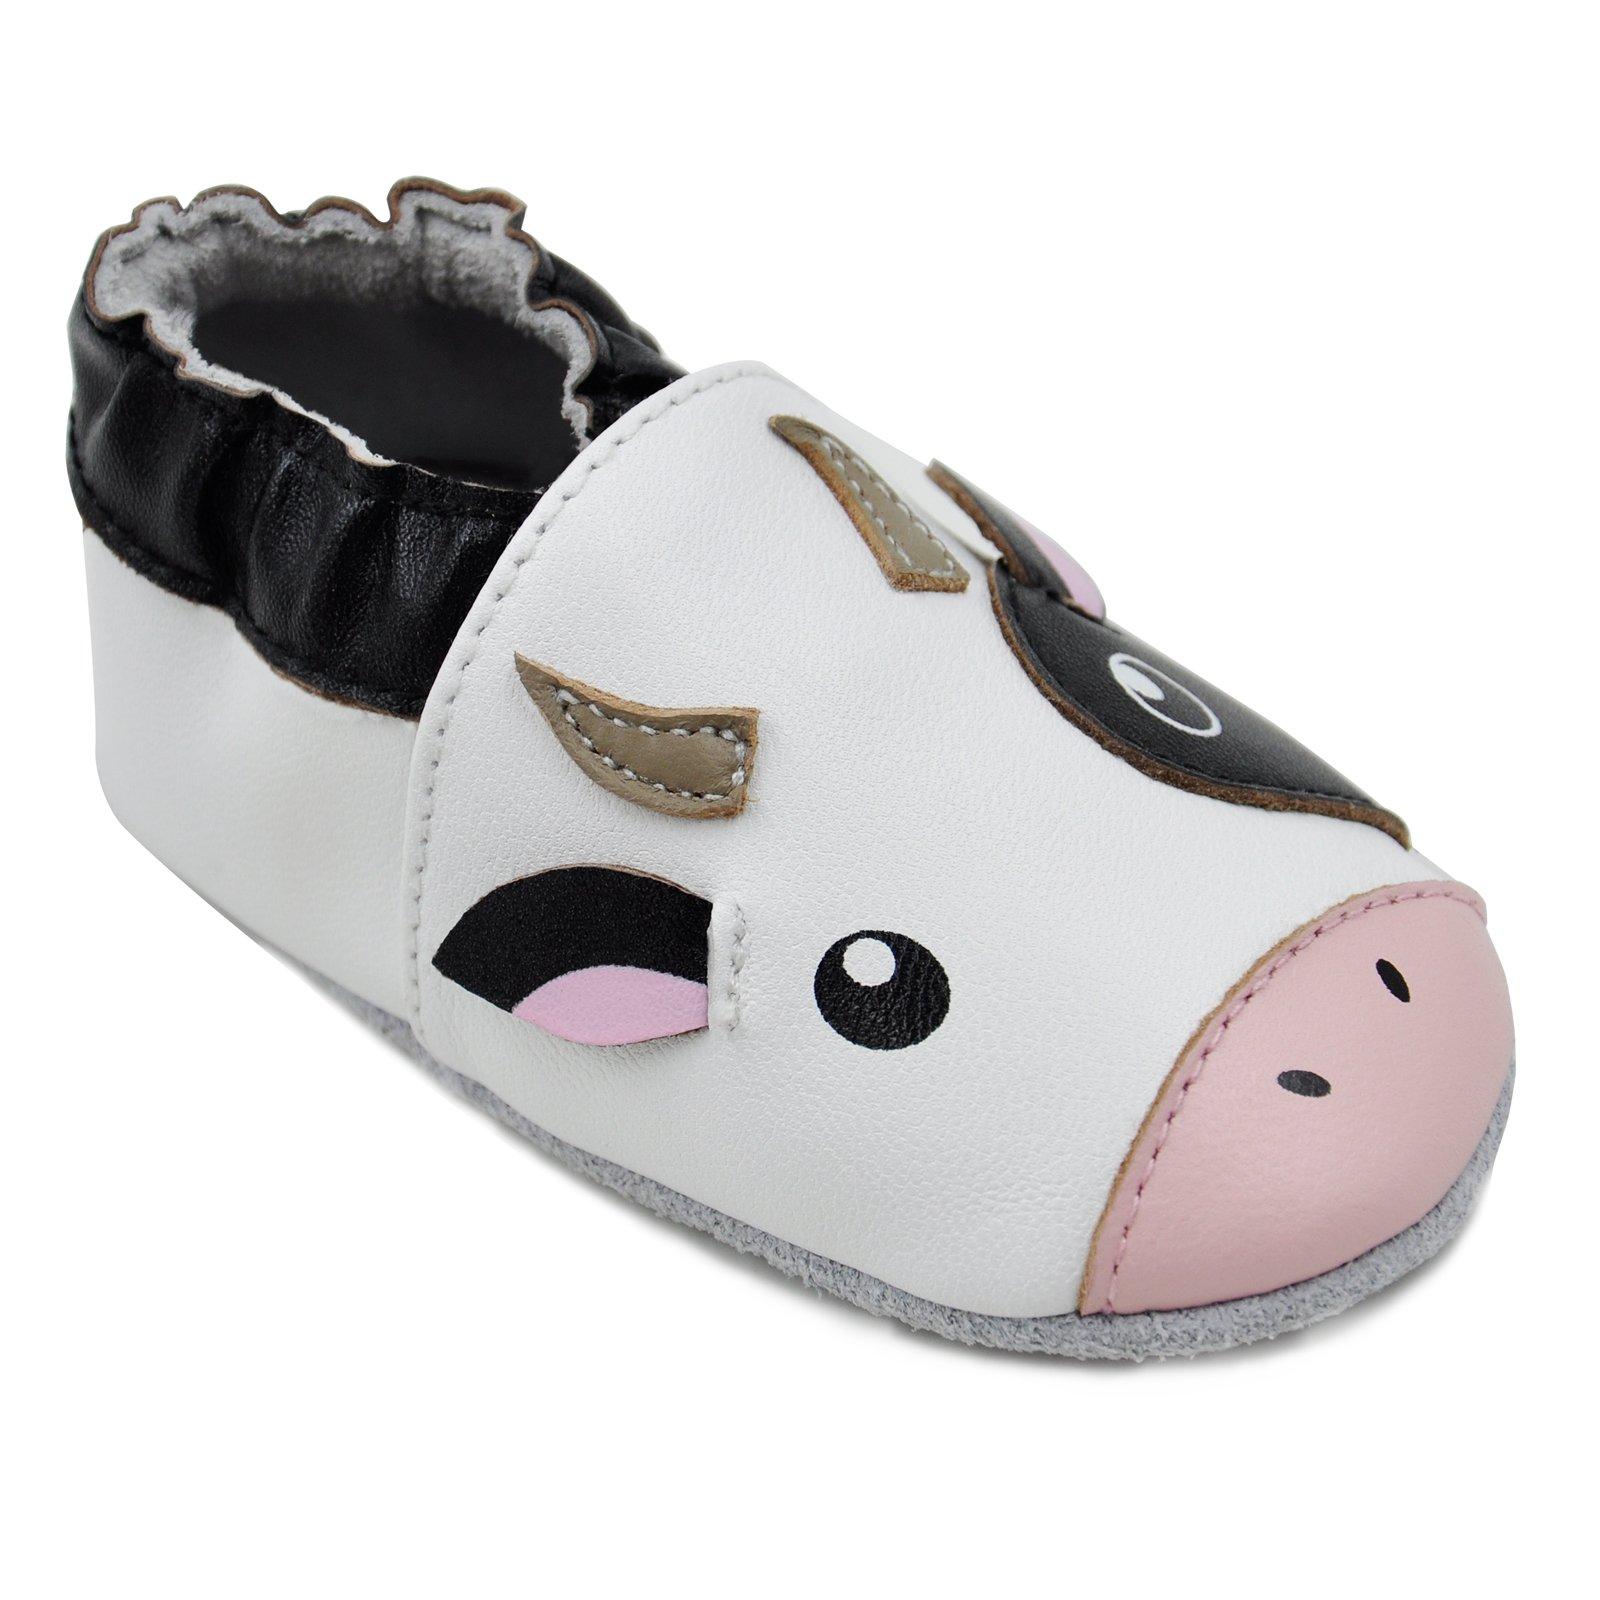 Kimi + Kai Baby Unisex Lambskin Leather Soft Sole Shoes - Cow (6-12 Months) Black/White by Kimi & Kai